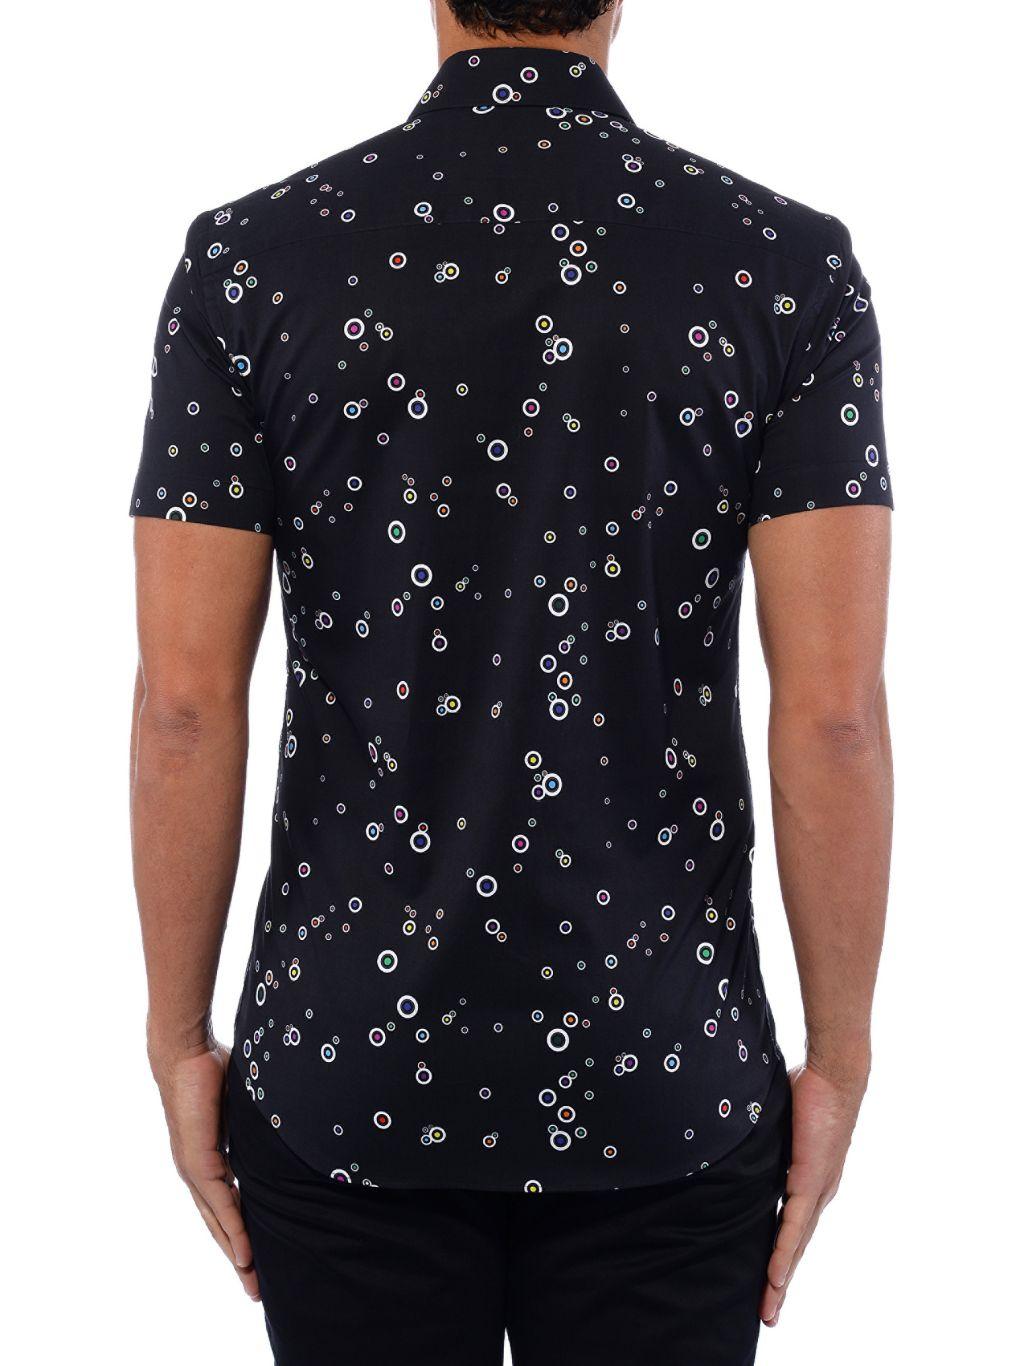 Bertigo Multicolor Bubble Graphic Short-Sleeve Shirt